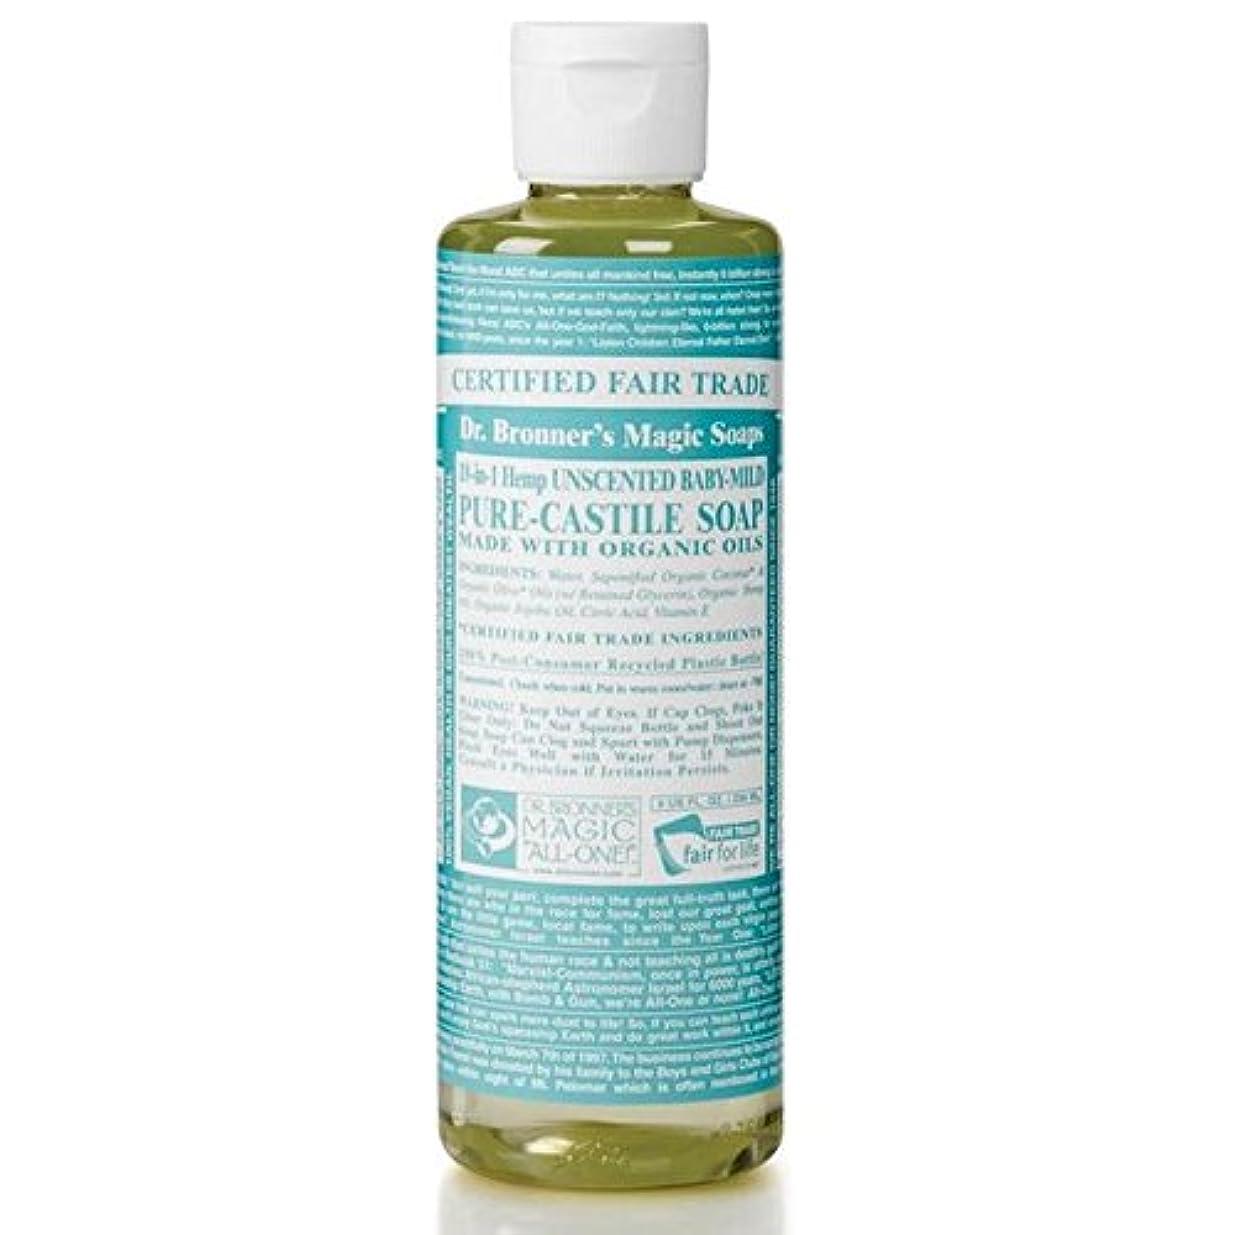 のブロナーオーガニックベビーマイルドなキャスト液体石鹸237ミリリットル x2 - Dr Bronner Organic Baby Mild Cast Liquid Soap 237ml (Pack of 2) [並行輸入品]